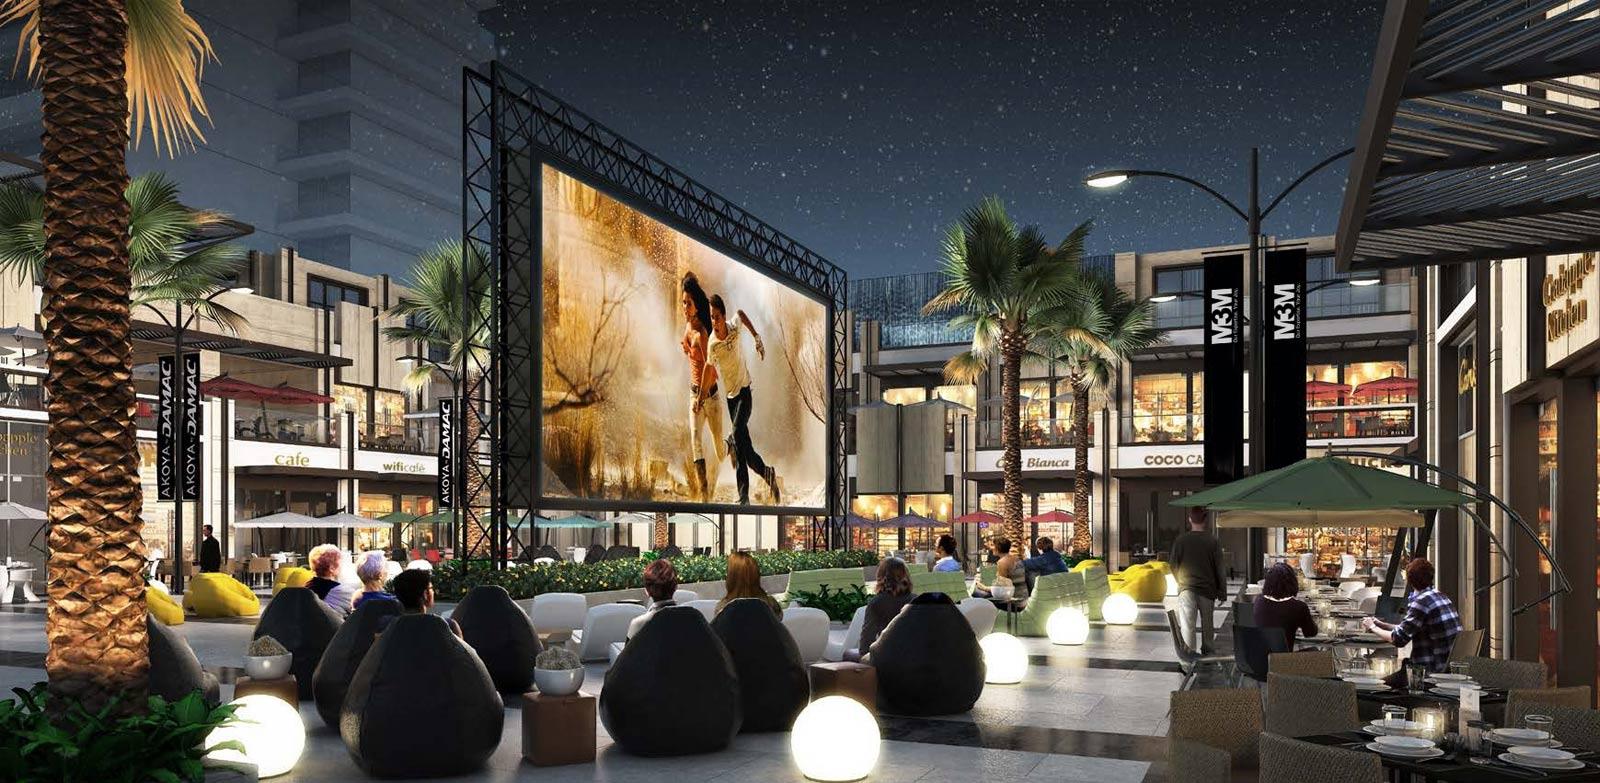 m3m sco amenities features1